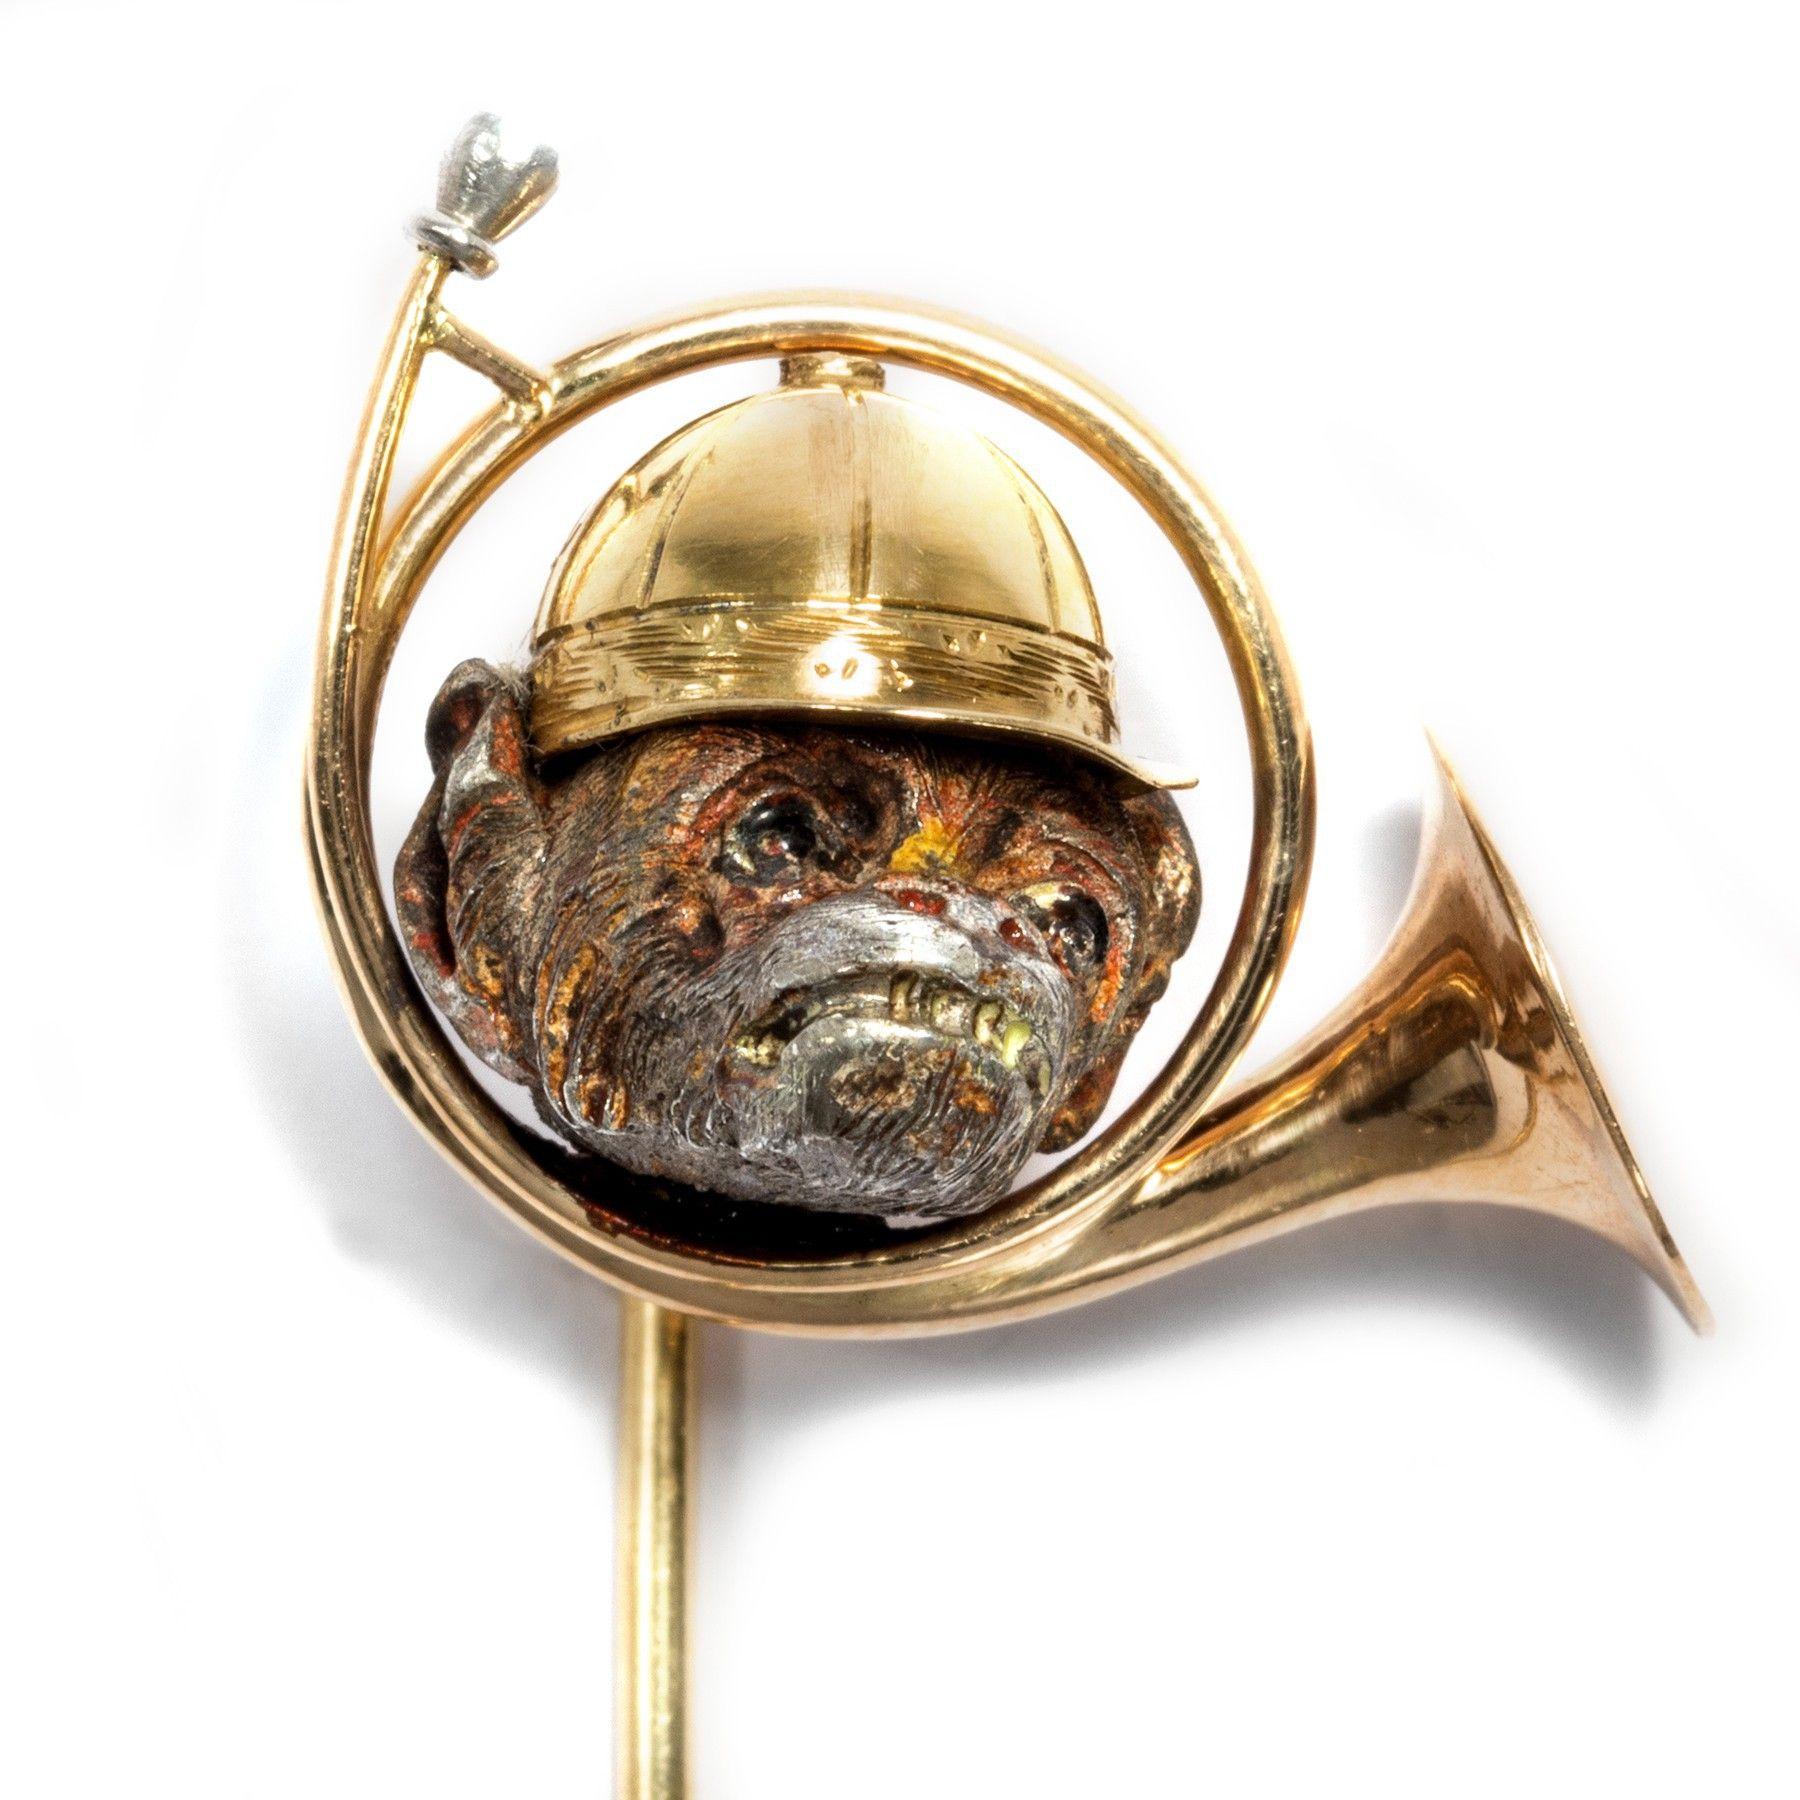 fa5ff682091b Der Affe lässt das Jagen nicht - Antike Novelty-Nadel aus Gold, Frankreich  um